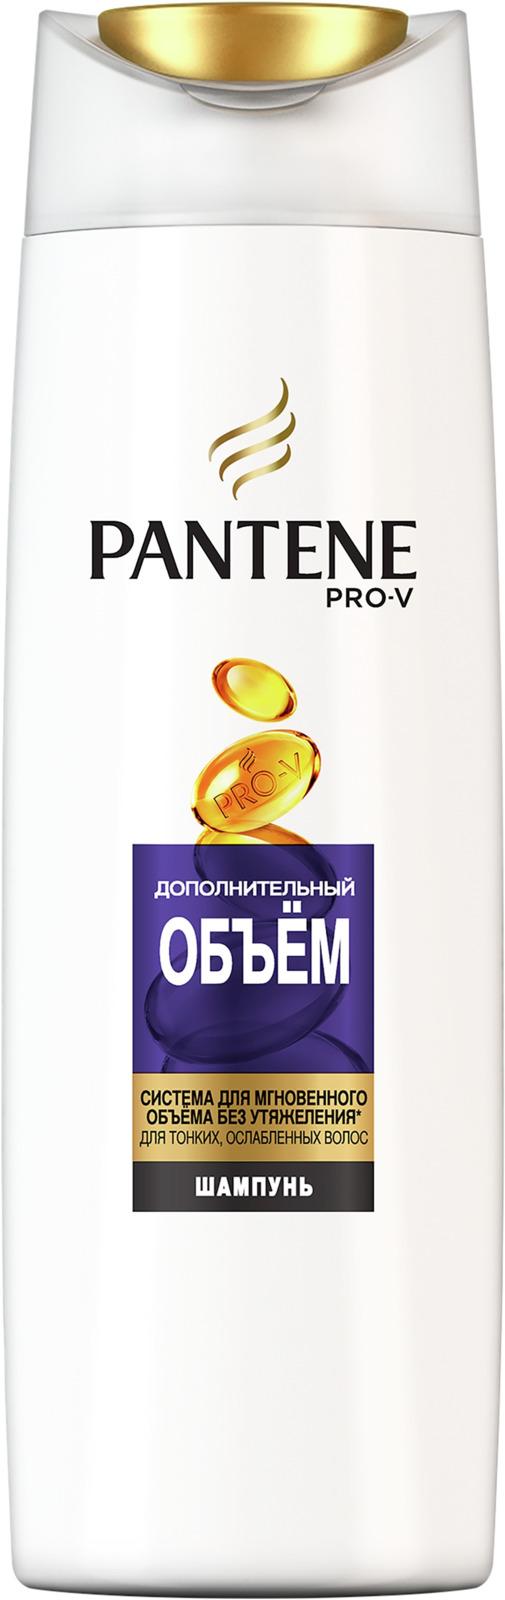 Шампунь Pantene Pro-V Дополнительный объем, для тонких волос, 400 мл